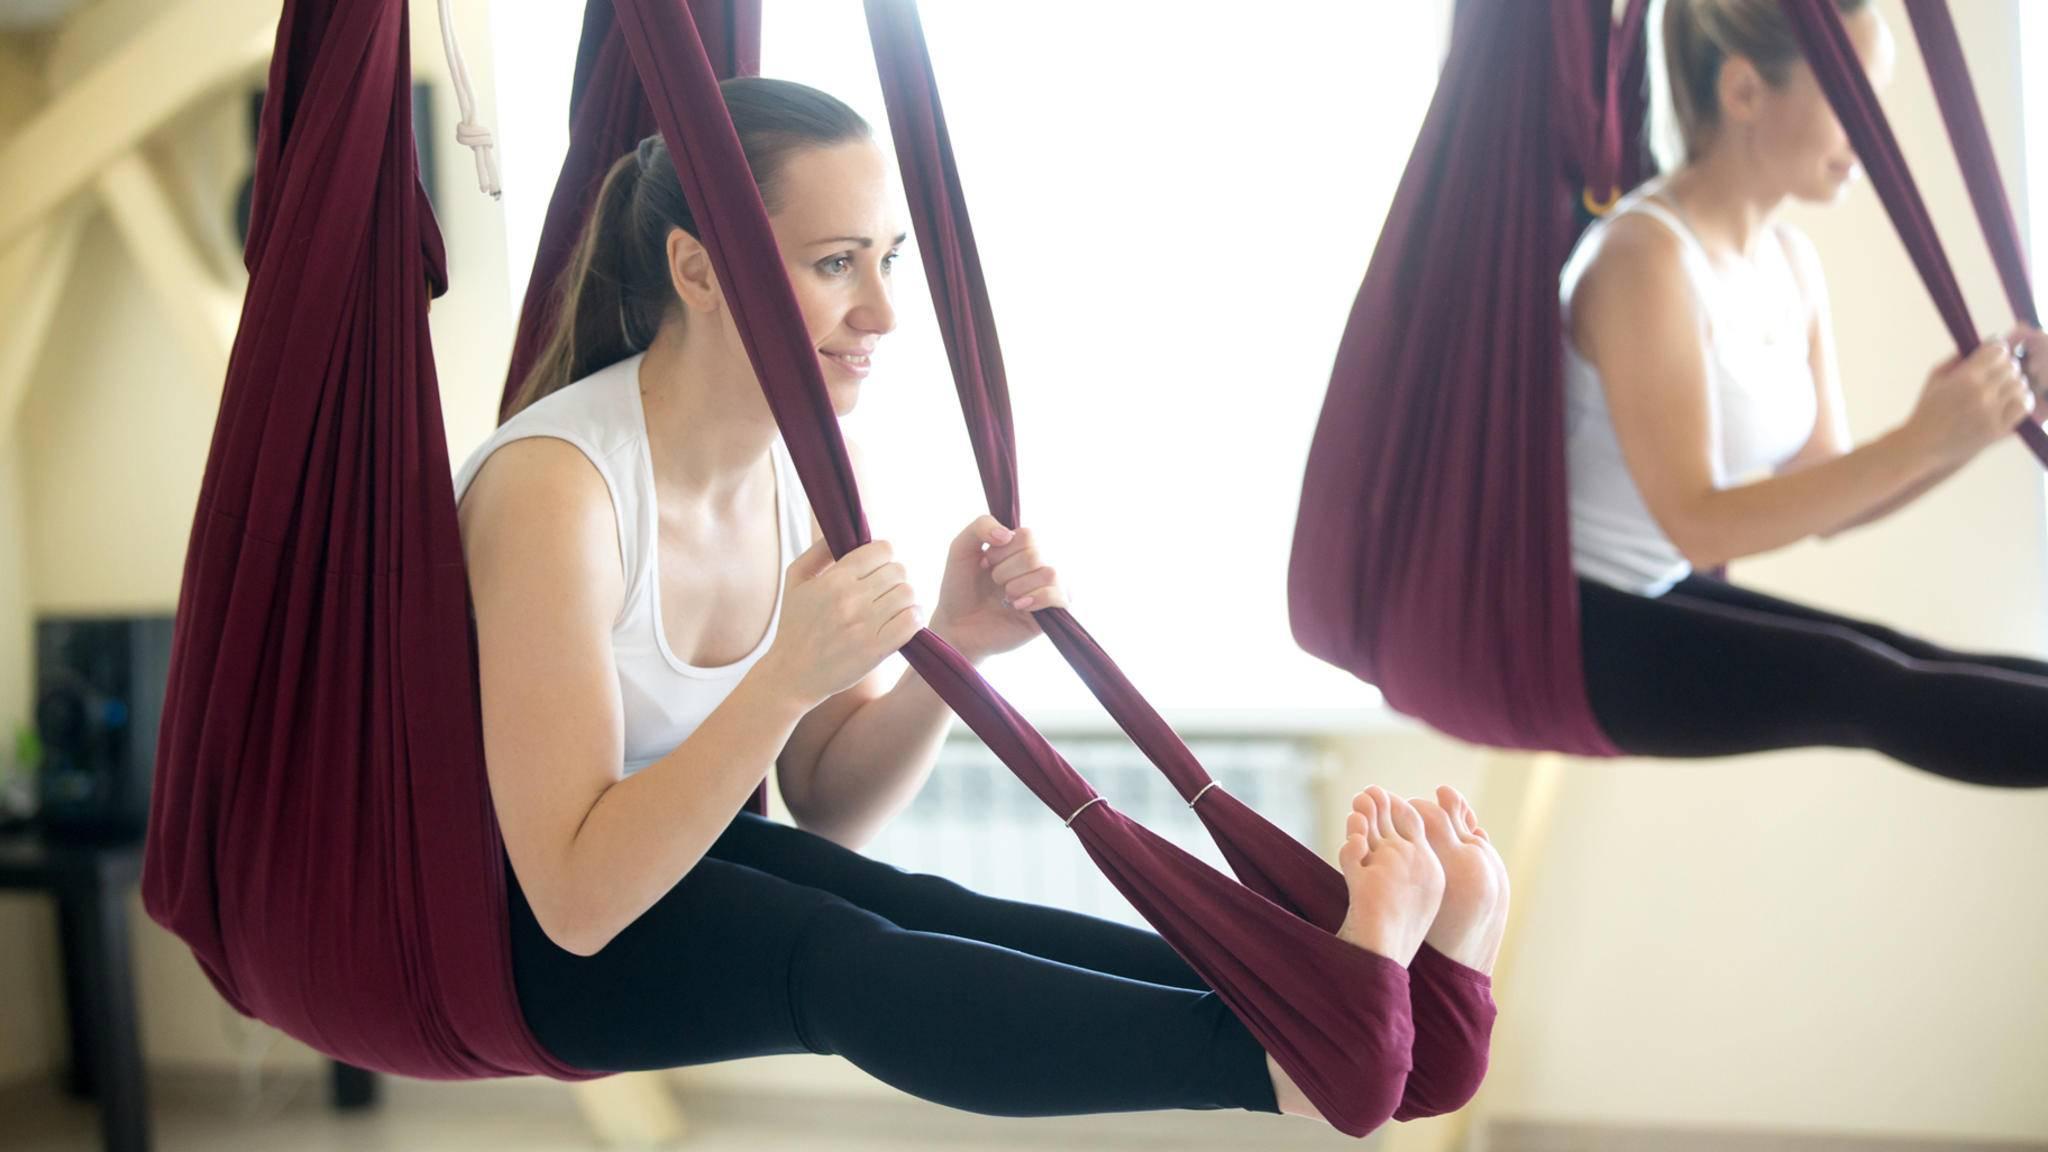 Nicht durchhängen! Aerial Yoga ist anstrengender, als es aussieht.